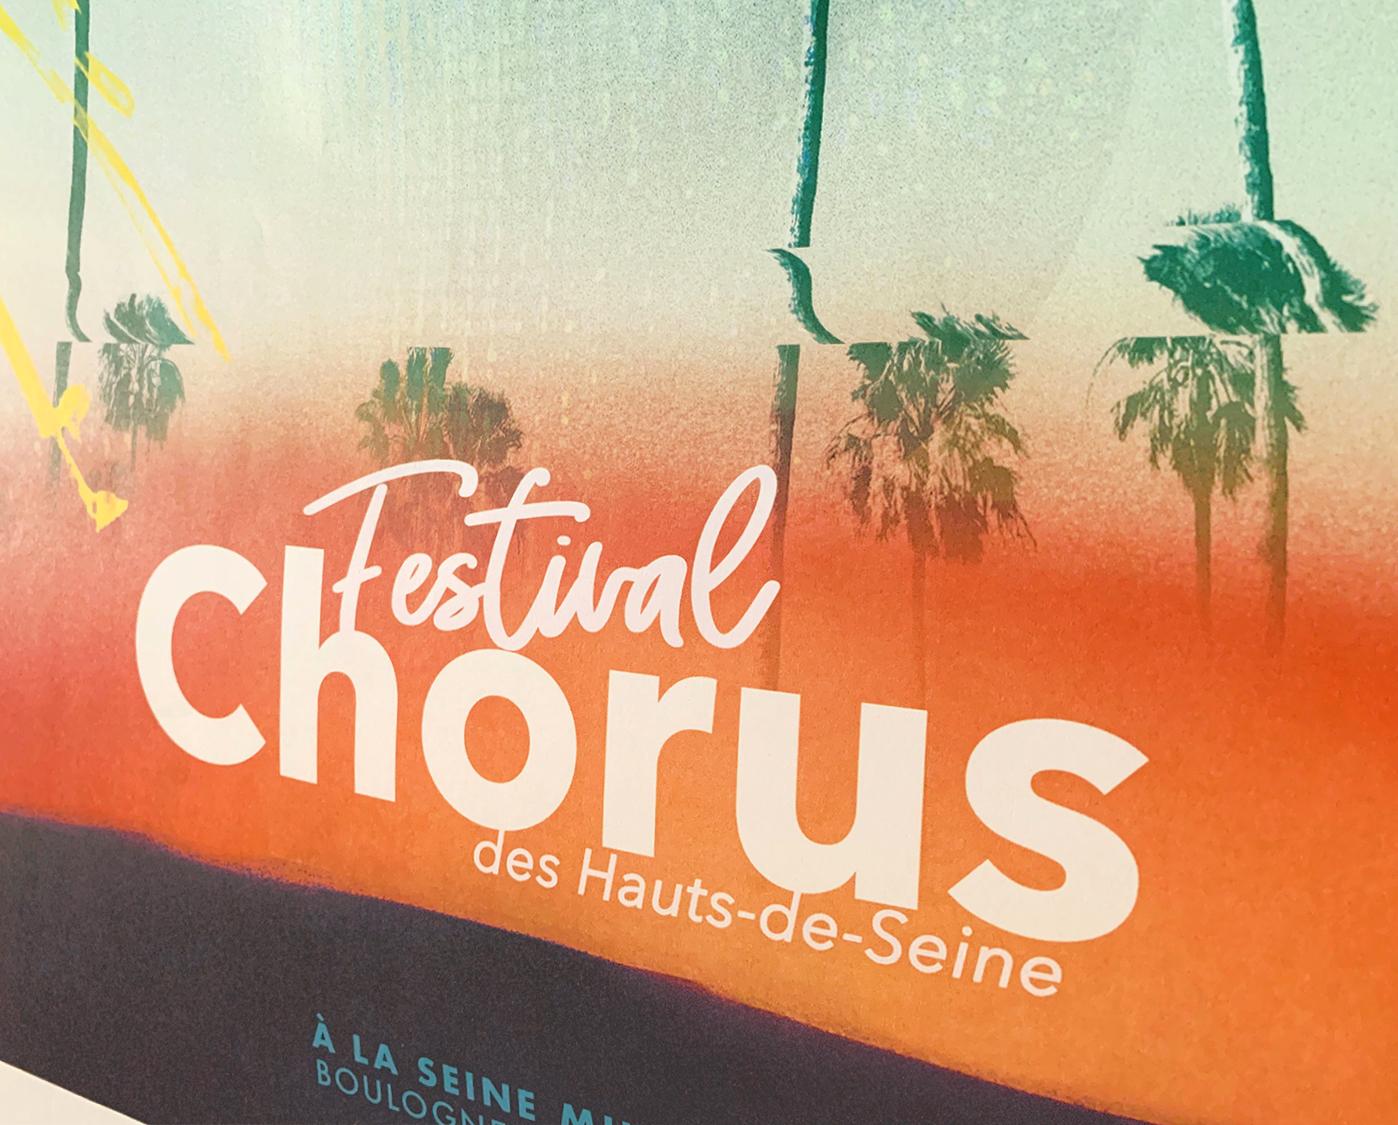 Chorus affiche bas-2